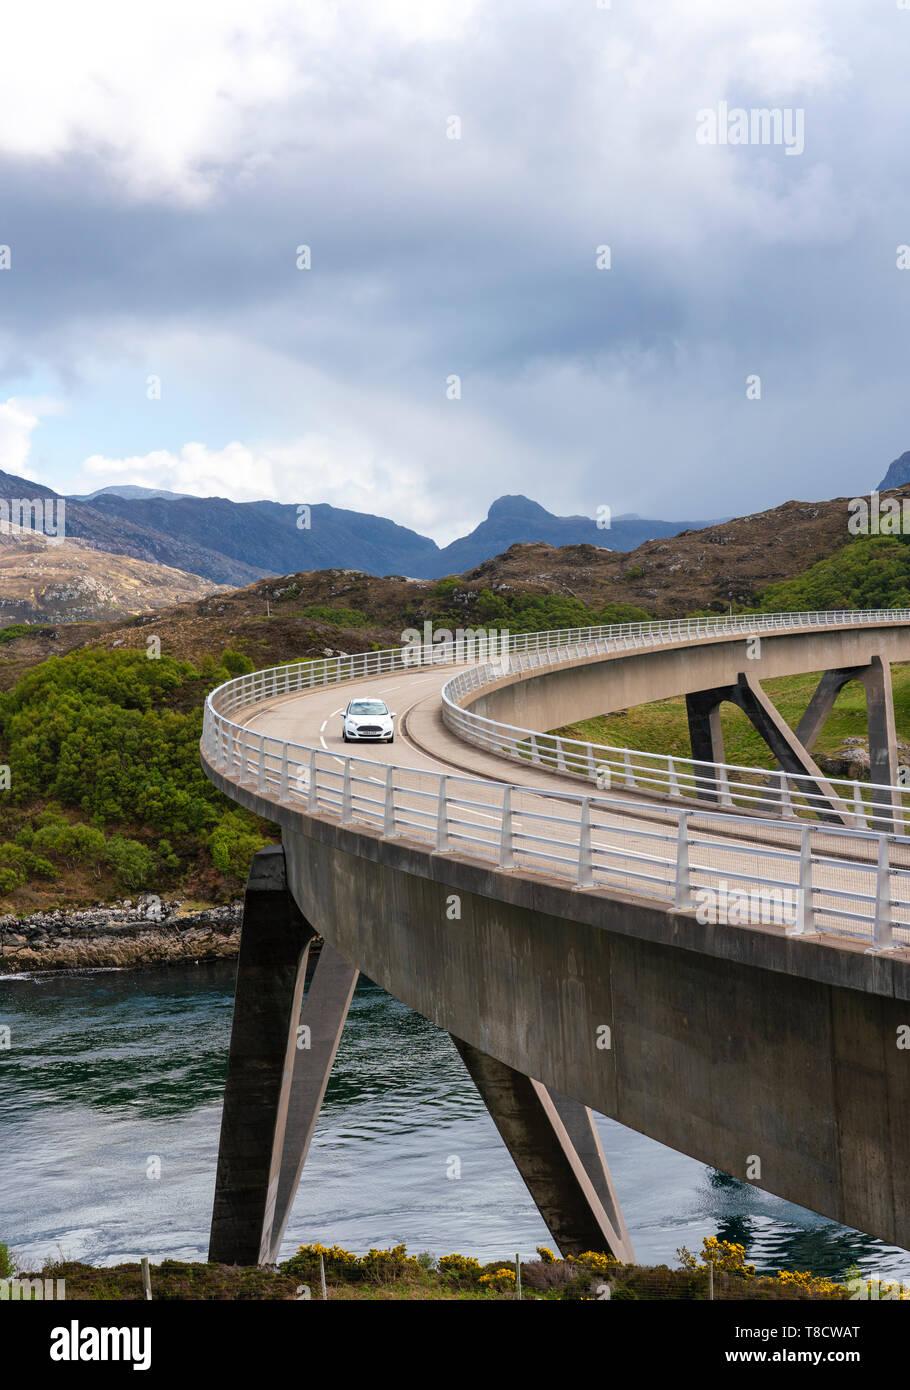 Puente Kylesku en la costa norte 500 pintoresca ruta de conducción en Sutherland, Highland, en el norte de Escocia, Reino Unido Foto de stock